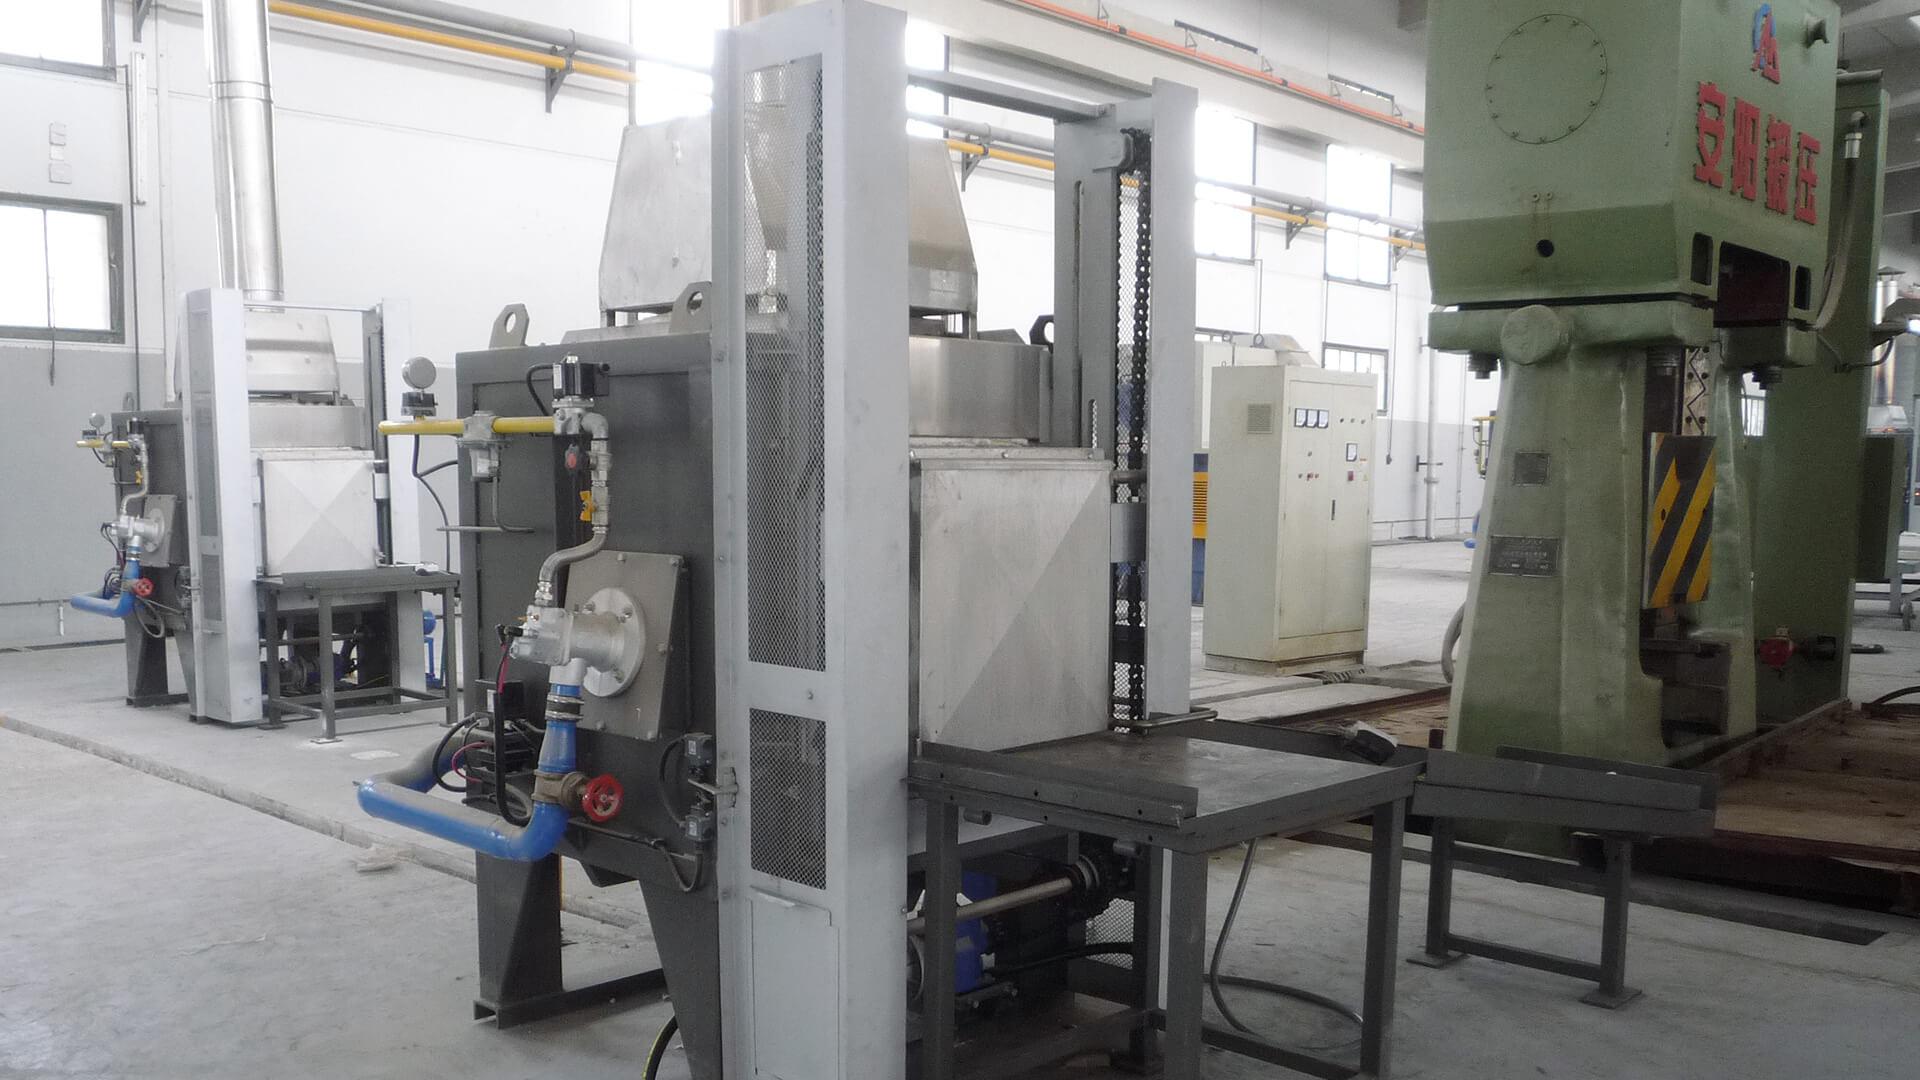 Forno industriale per Forno a camera per Fucinatura | Pagnotta Termomeccanica